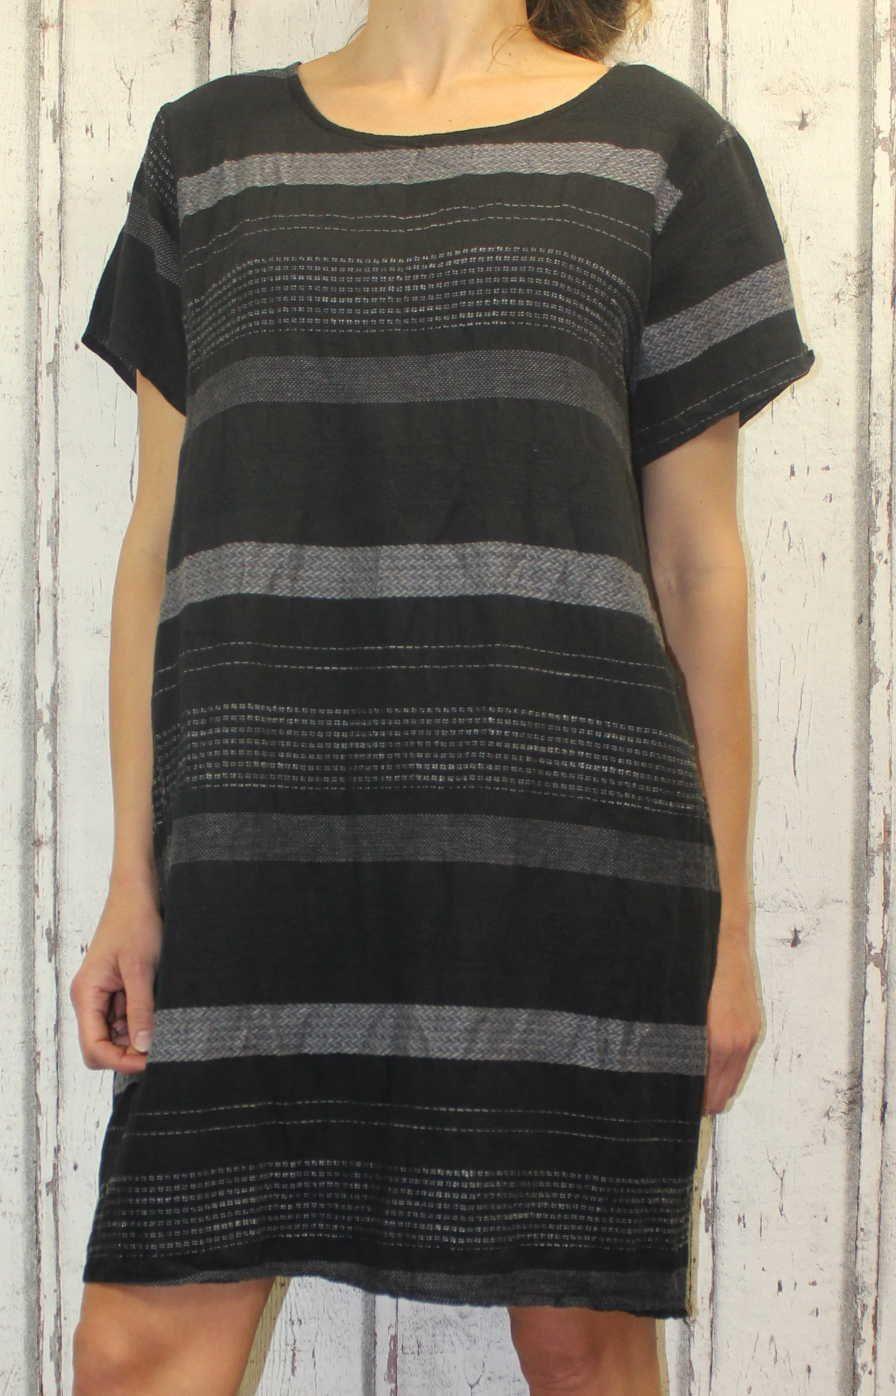 Dámské šaty, plážové šaty, pohodlné šaty, pruhované šaty, vzdušné šaty, černé letní šaty